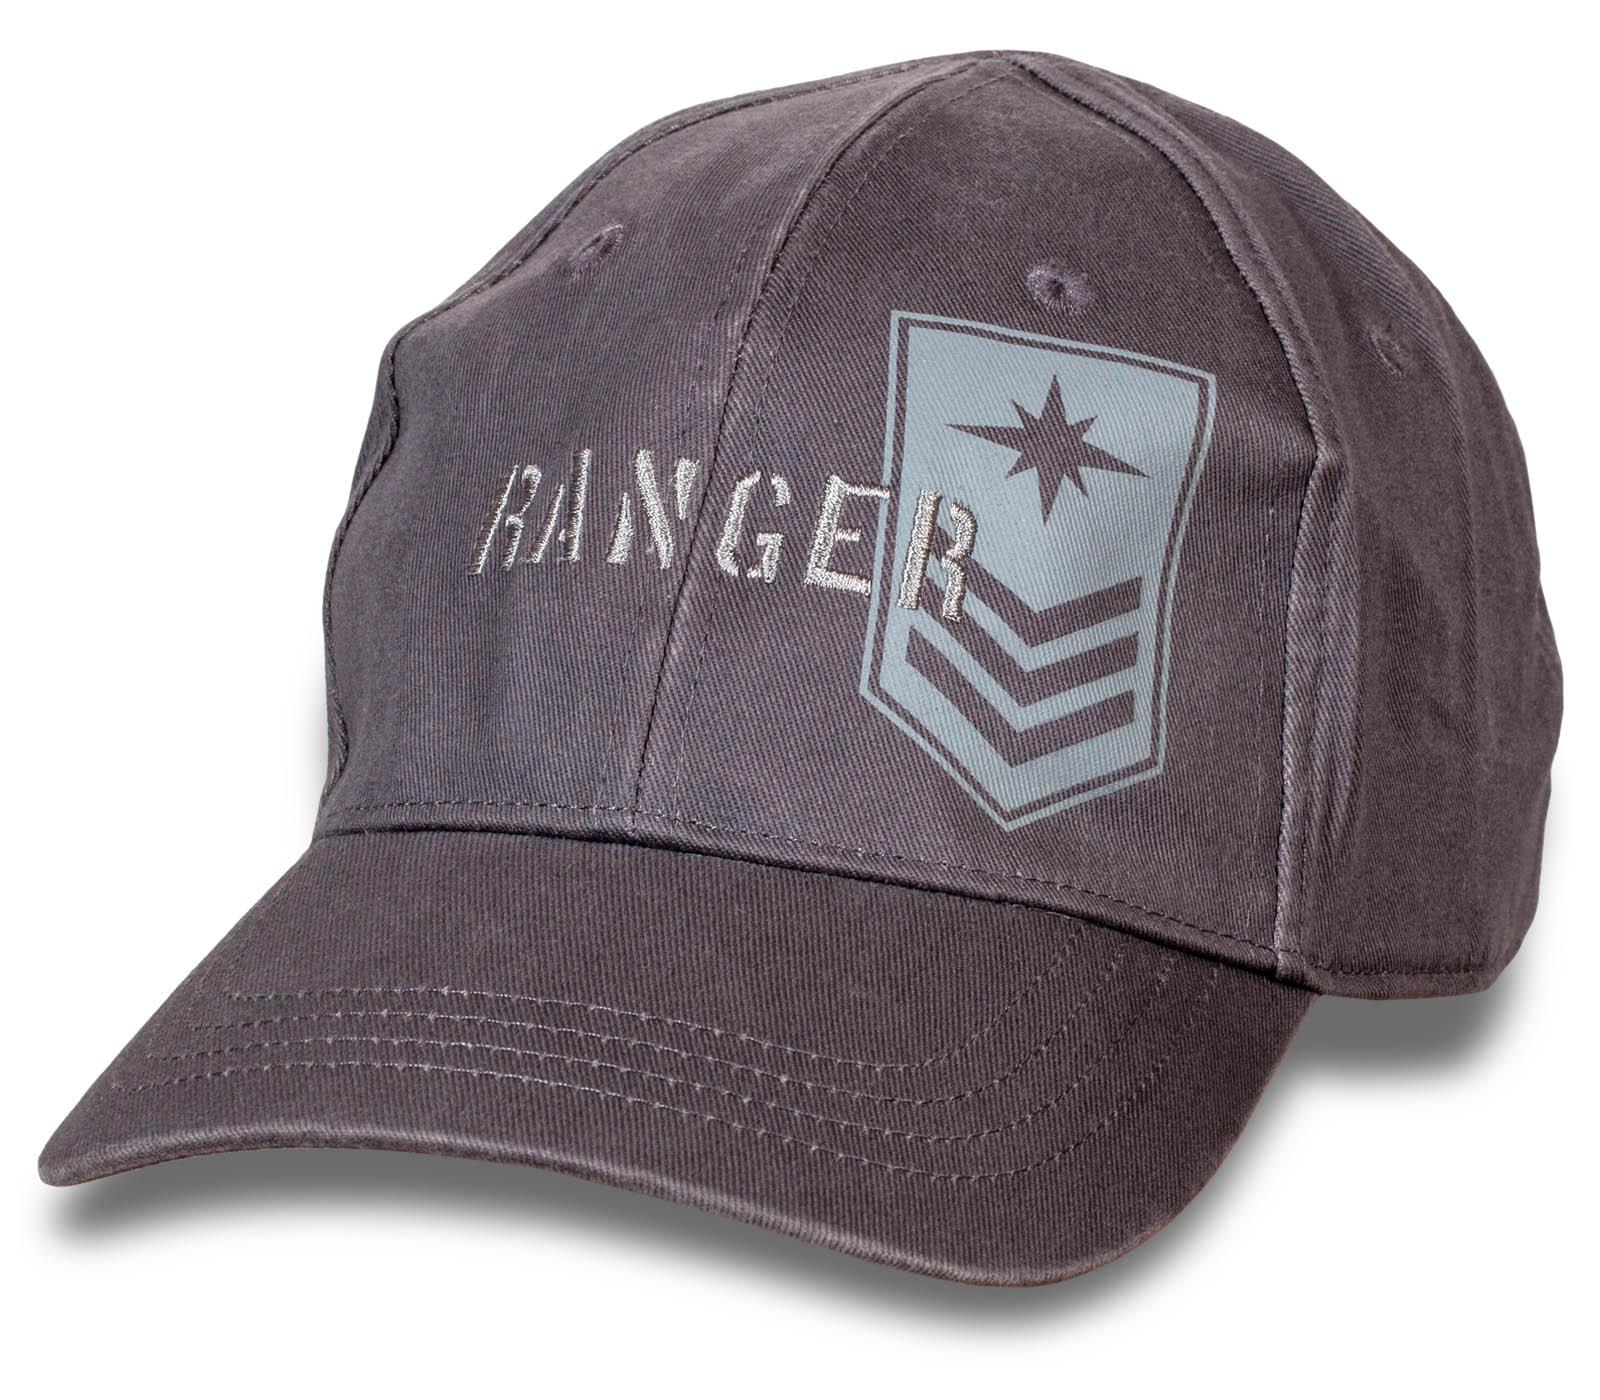 Стильная бейсболка Ranger.